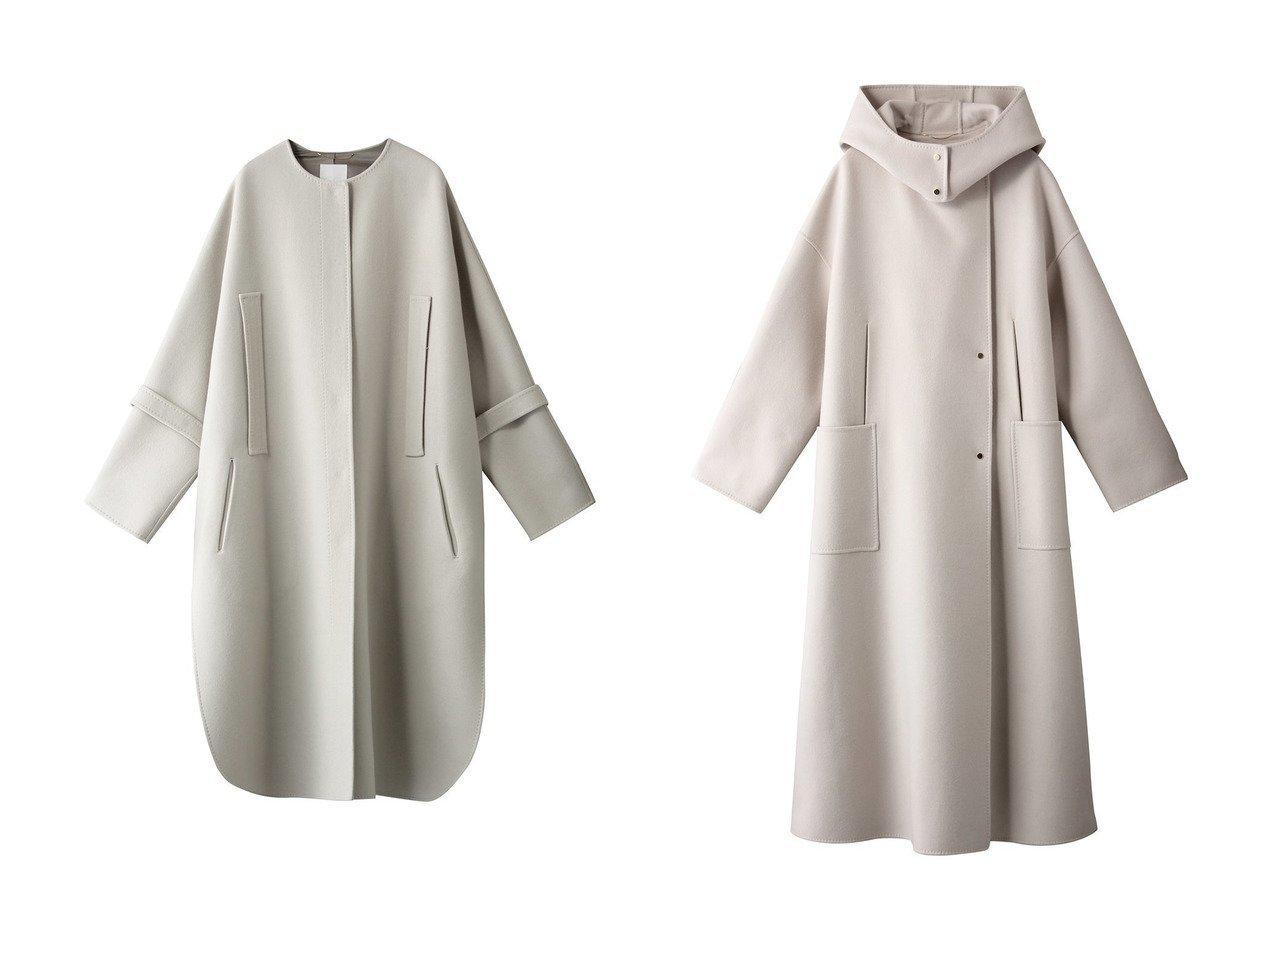 【ebure/エブール】のリュクスメルトン ノーカラーコート&リュクスメルトン フーデットコート 【アウター】おすすめ!人気、トレンド・レディースファッションの通販 おすすめで人気の流行・トレンド、ファッションの通販商品 インテリア・家具・メンズファッション・キッズファッション・レディースファッション・服の通販 founy(ファニー) https://founy.com/ ファッション Fashion レディースファッション WOMEN アウター Coat Outerwear コート Coats 2020年 2020 2020-2021秋冬・A/W AW・Autumn/Winter・FW・Fall-Winter/2020-2021 2021年 2021 2021-2022秋冬・A/W AW・Autumn/Winter・FW・Fall-Winter・2021-2022 A/W・秋冬 AW・Autumn/Winter・FW・Fall-Winter カシミヤ シンプル スリット ポンチョ メルトン ロング  ID:crp329100000058640